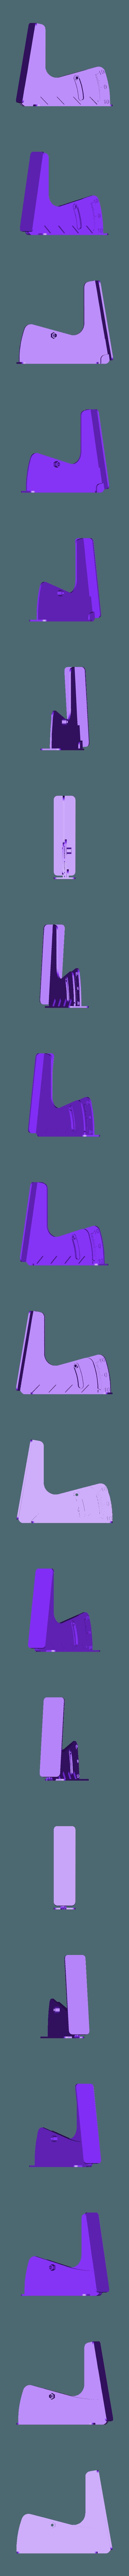 Camber_Gauge.stl Télécharger fichier STL gratuit Jauge de carrossage pour RC • Plan imprimable en 3D, Nacelle